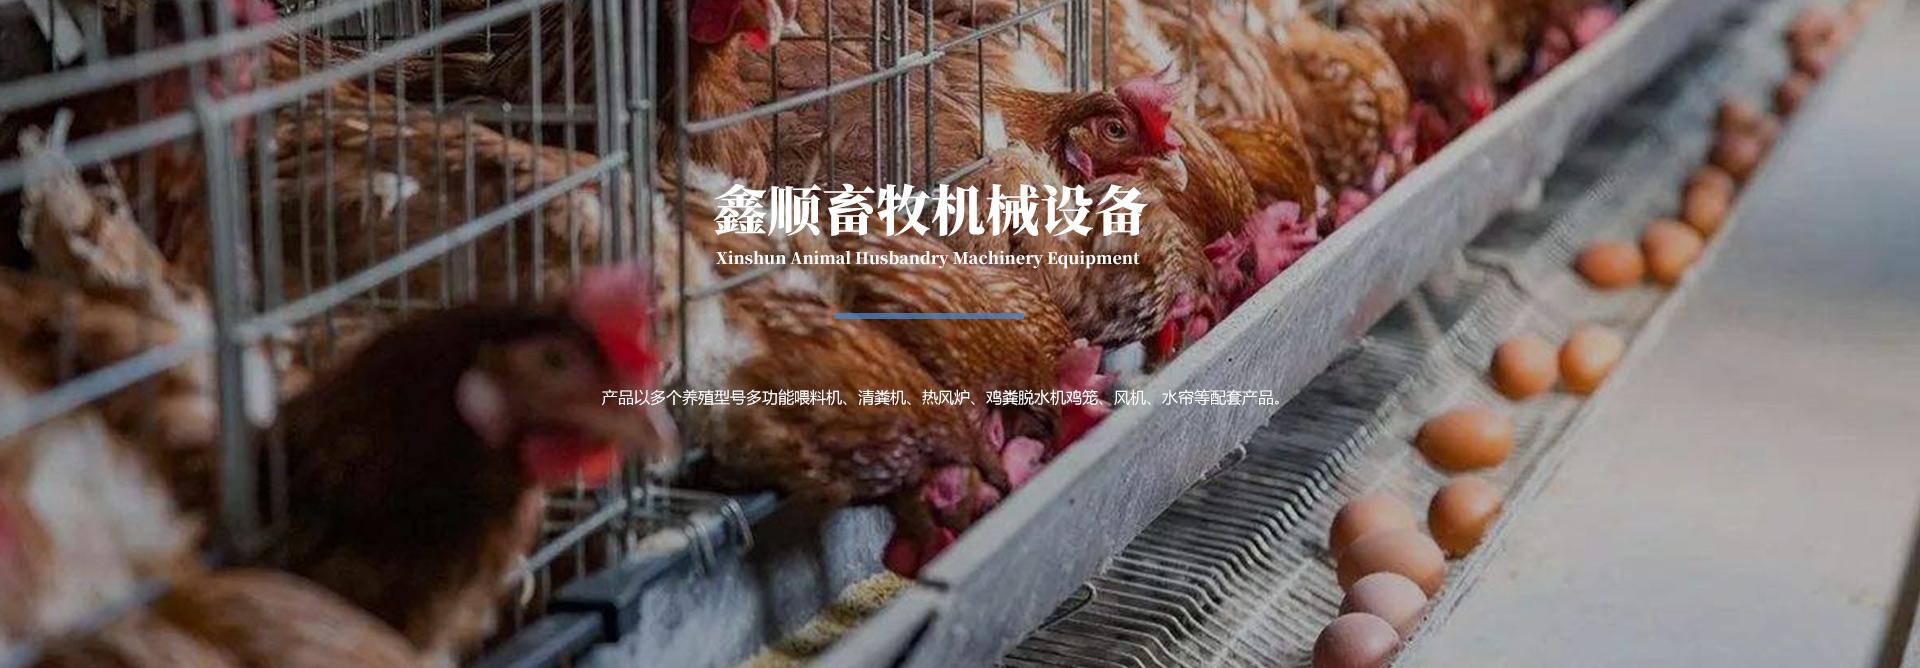 蛋鸡养殖设备,肉鸡养殖设备